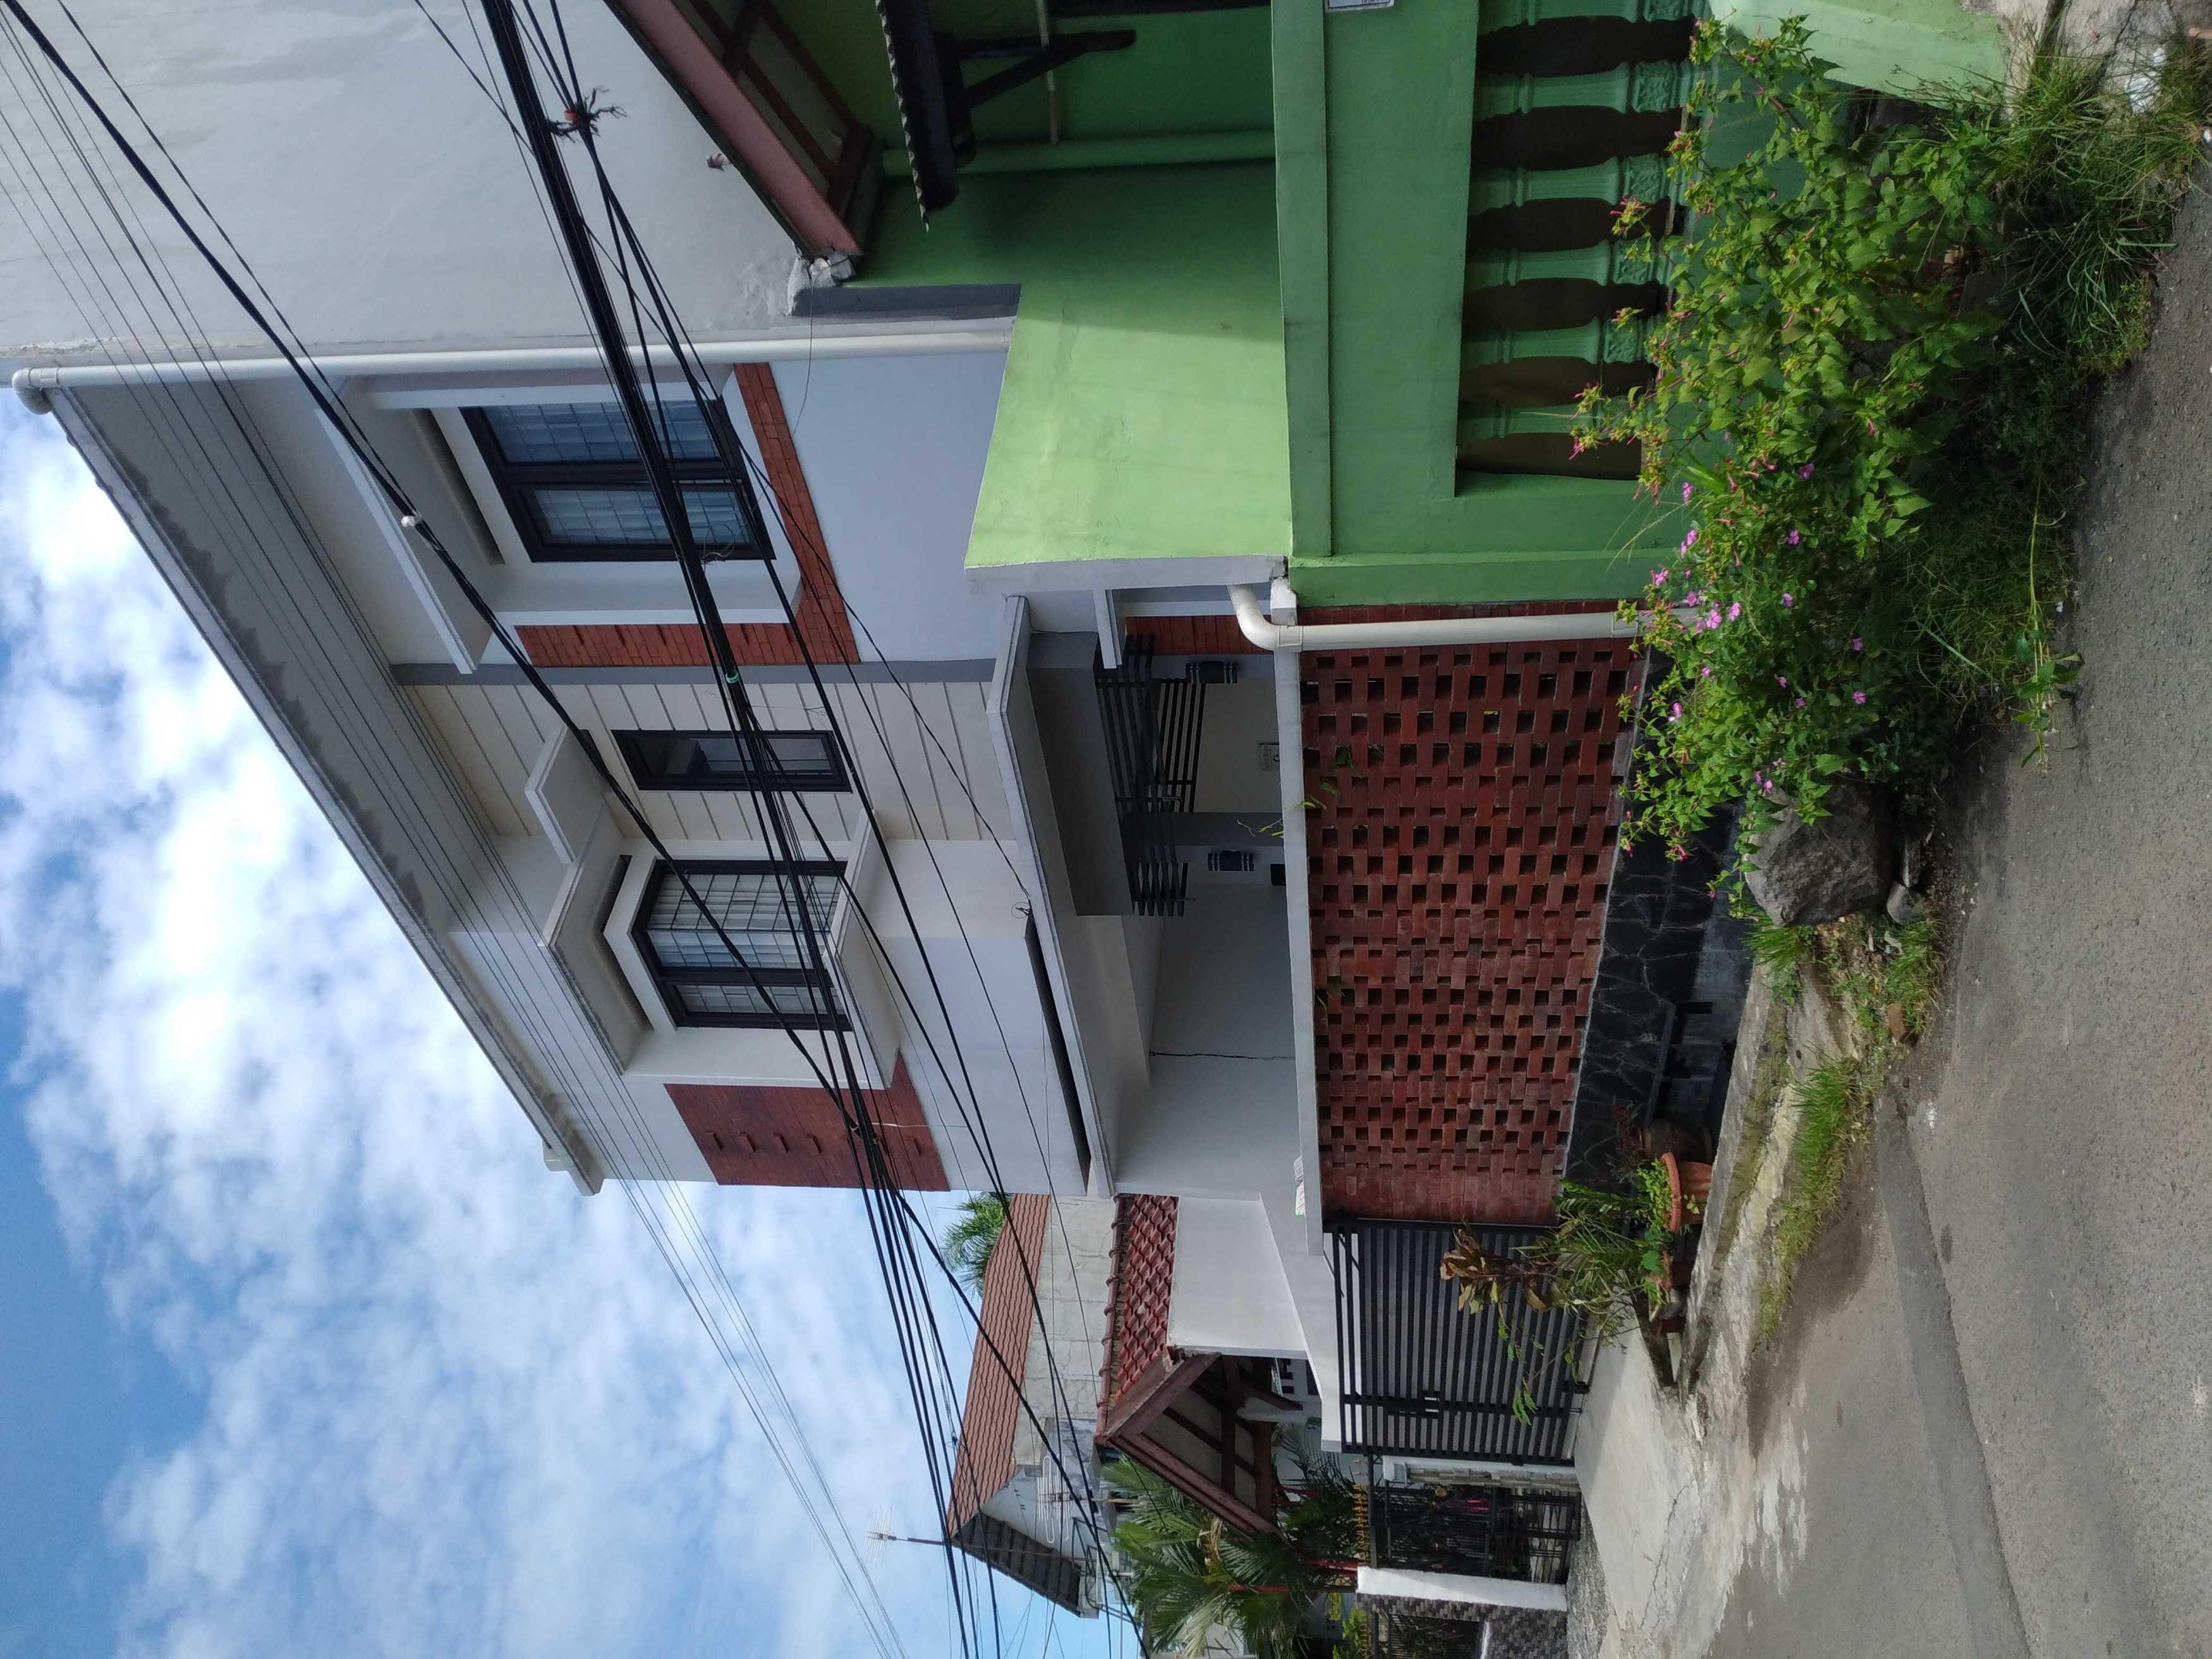 Mth29 Design [Design] Dr House - Bogor Bogor, Jawa Barat, Indonesia Bogor, Jawa Barat, Indonesia Mth29-Design-Design-Dr-House-Bogor   110816